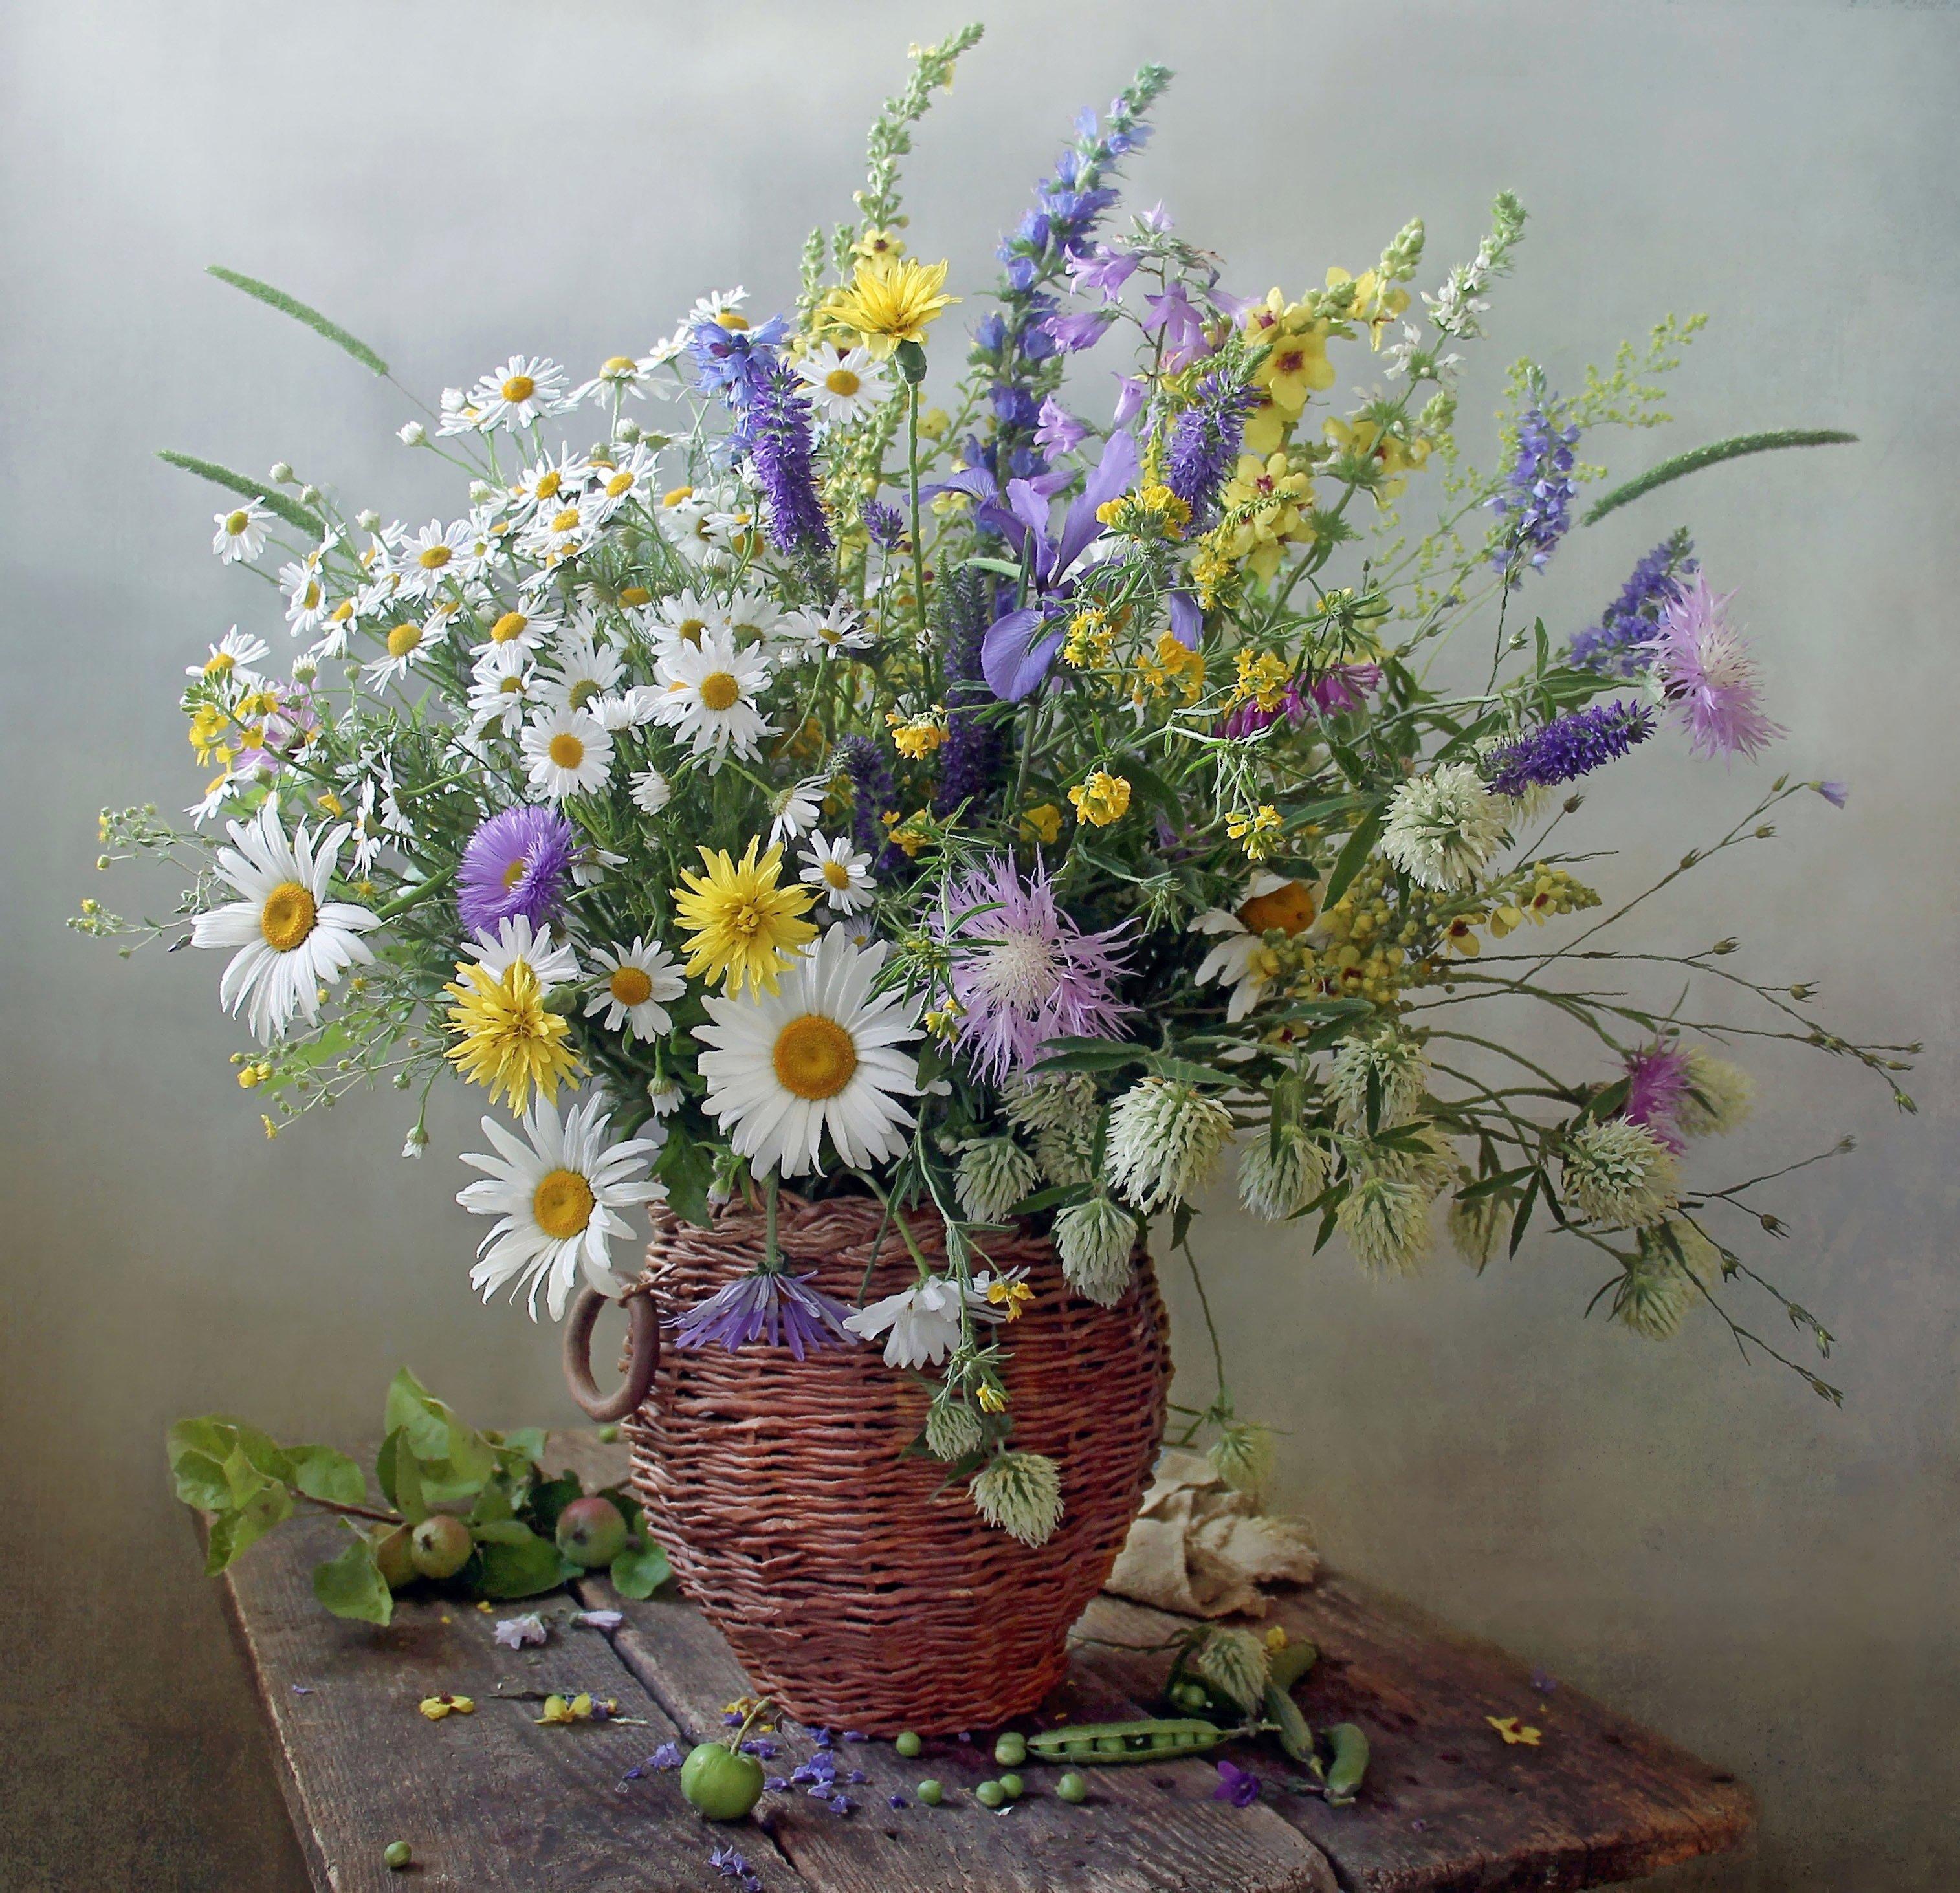 природный кристалл с днем рождения картинки полевые цветы фото нижнем белье